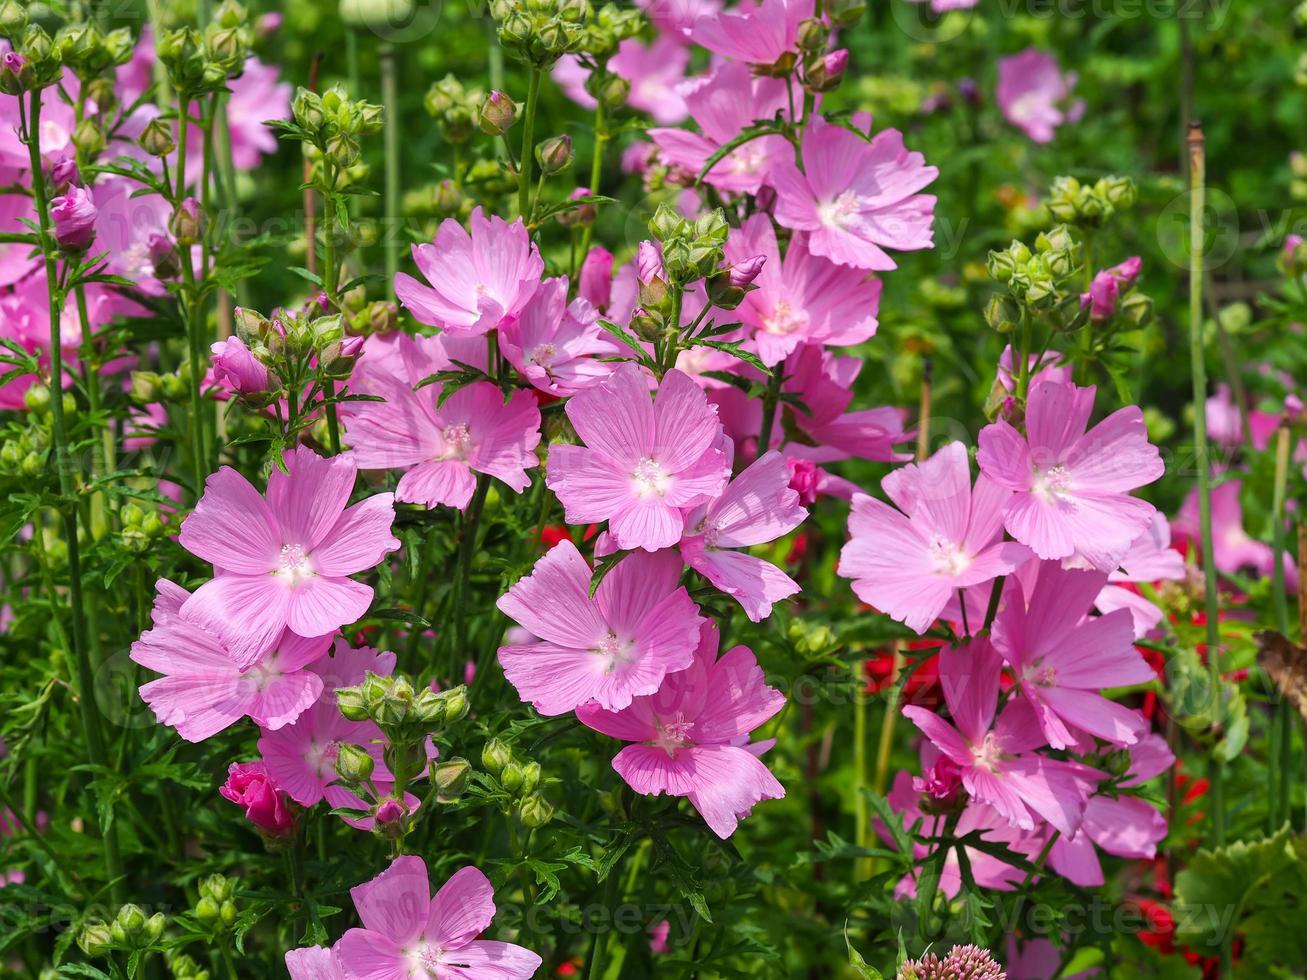 rosa mallow blommor foto